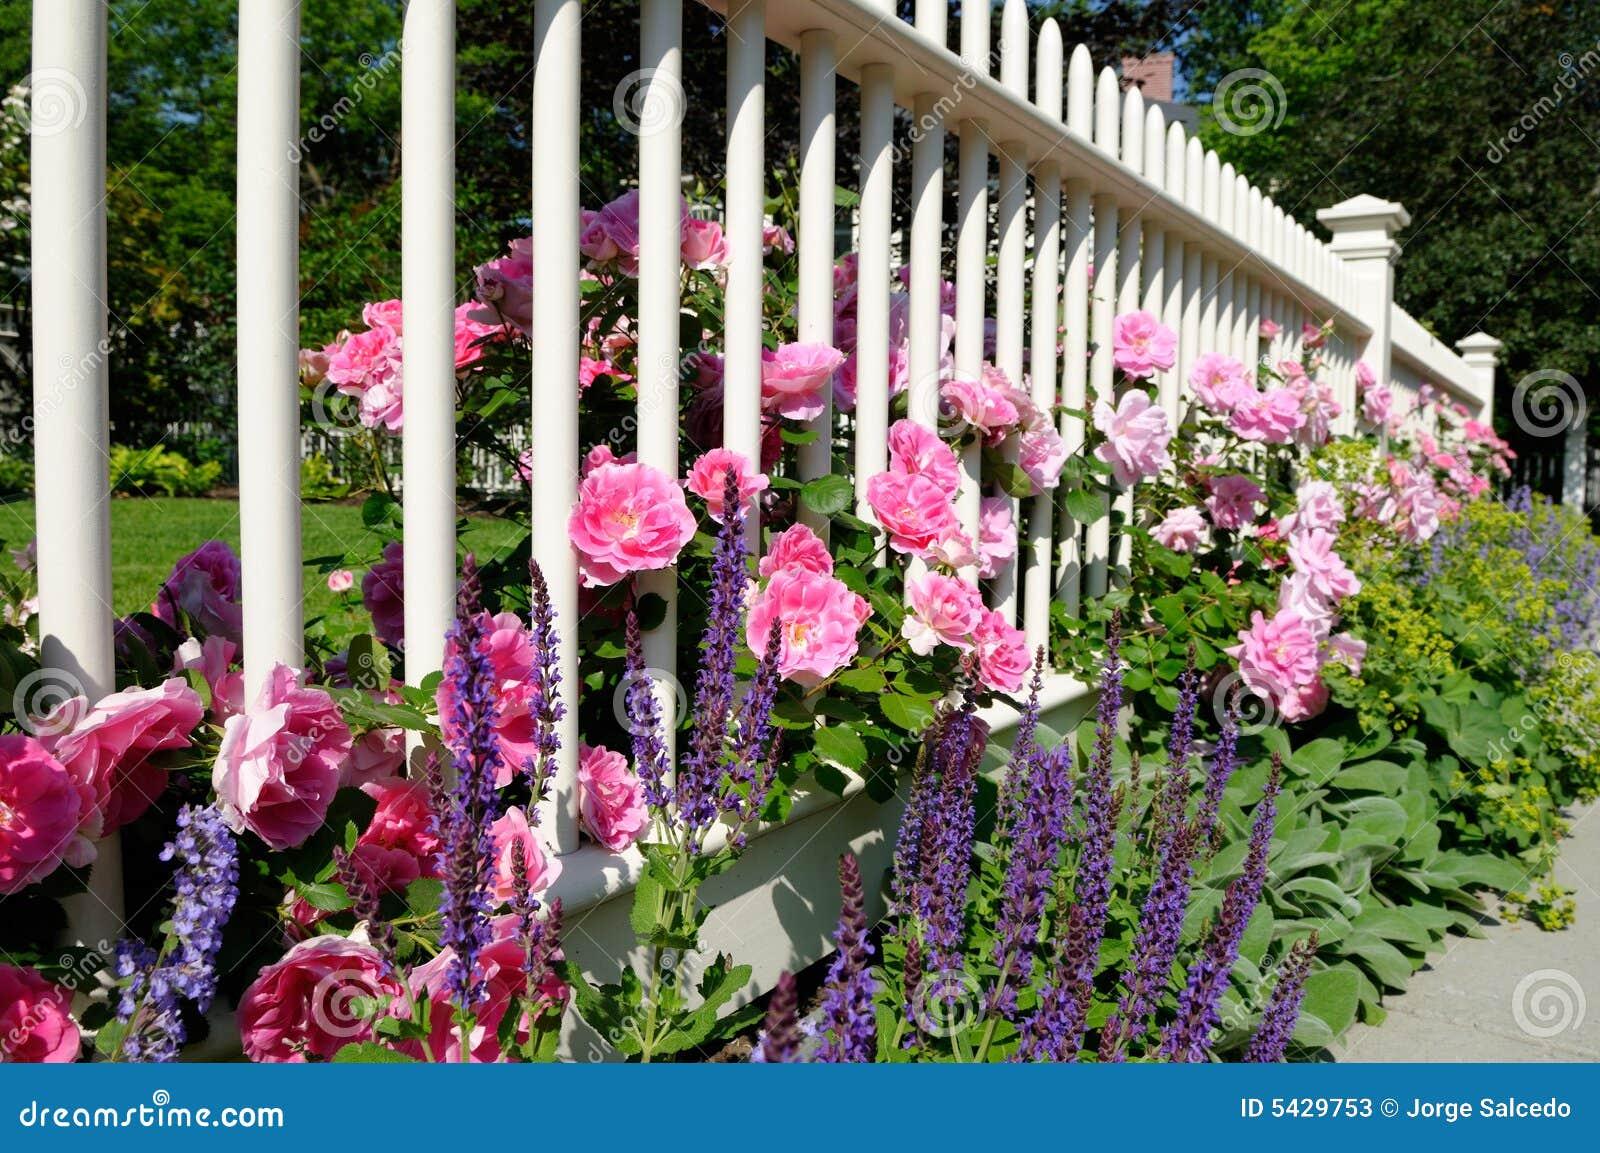 fences rose essay